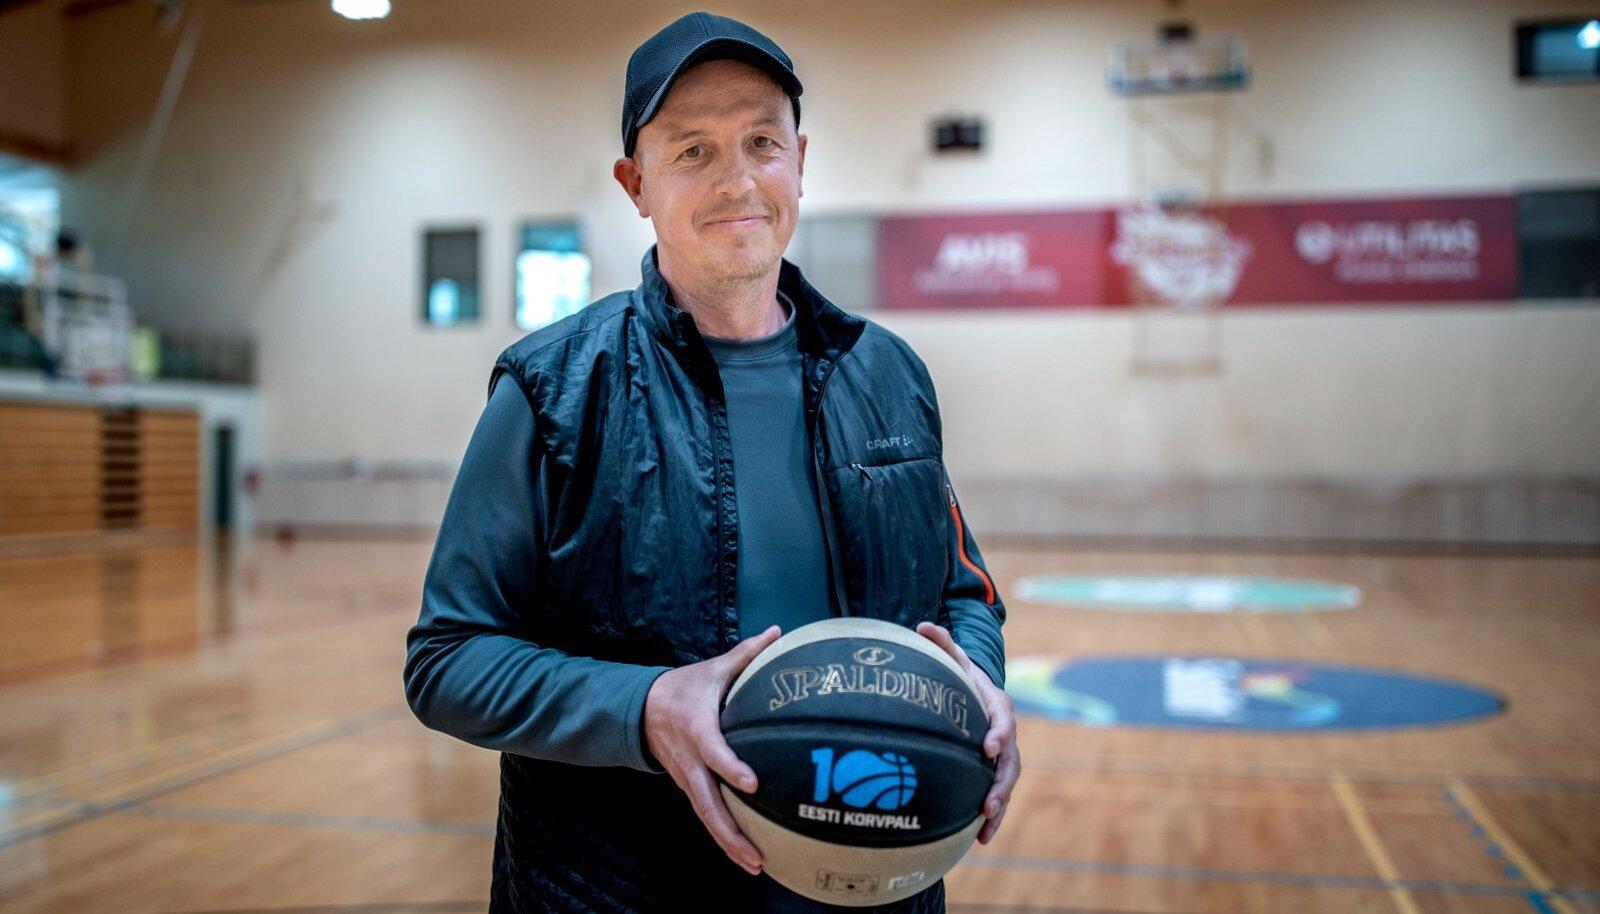 Indrek Ruut on mänginud korvpalli ligi 40 aastat ja unistab, et saab oma südame nii korda, et võiks töötada korvpallitreenerina.